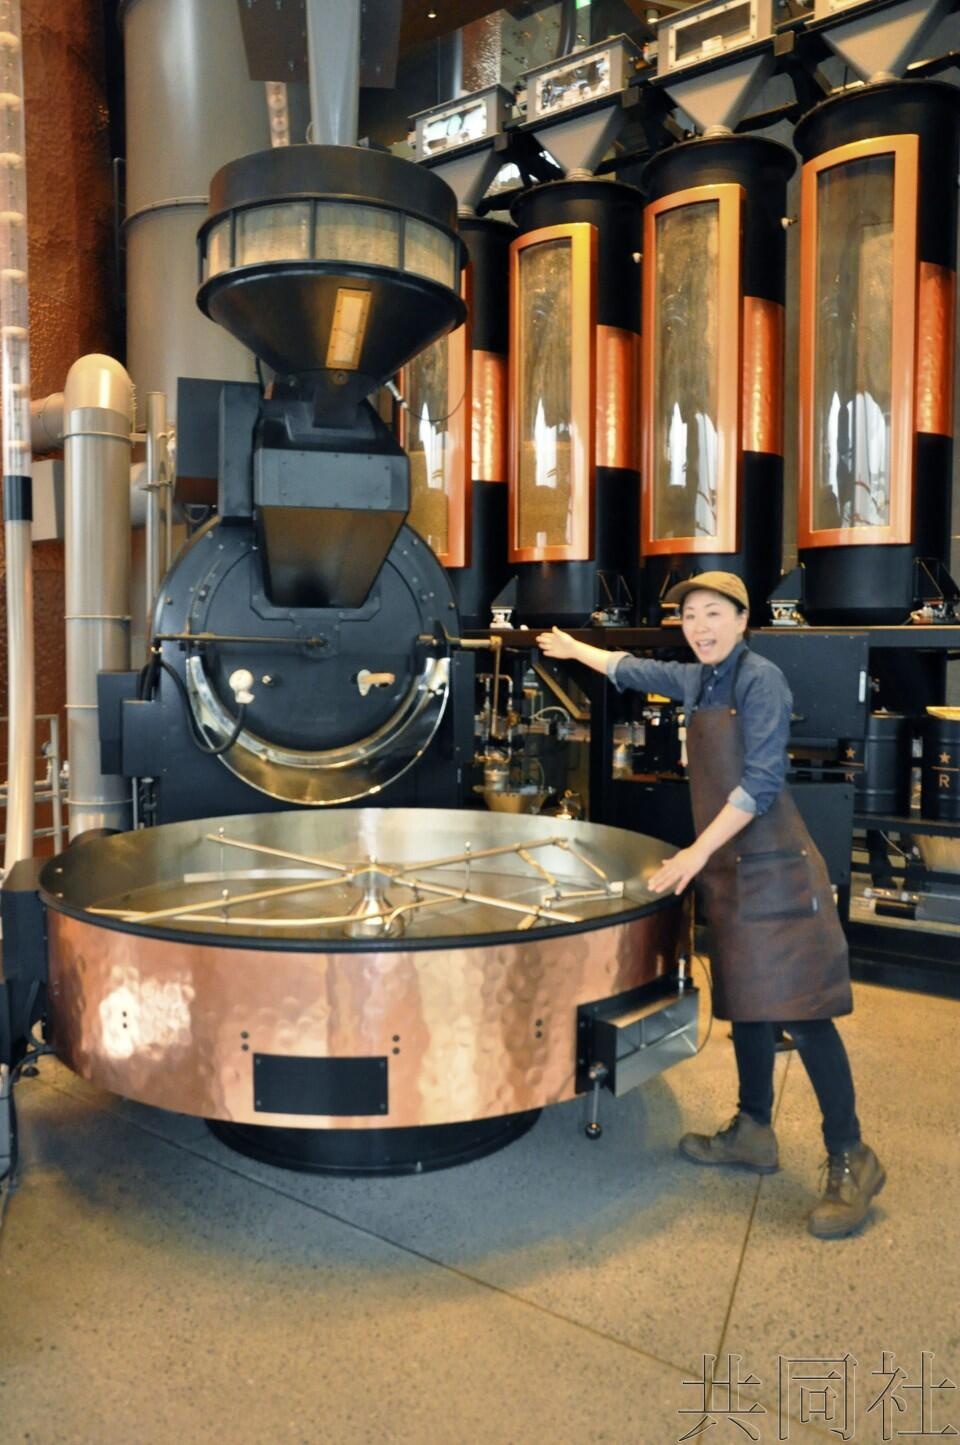 星巴克臻选烘焙工坊将首次登陆日本